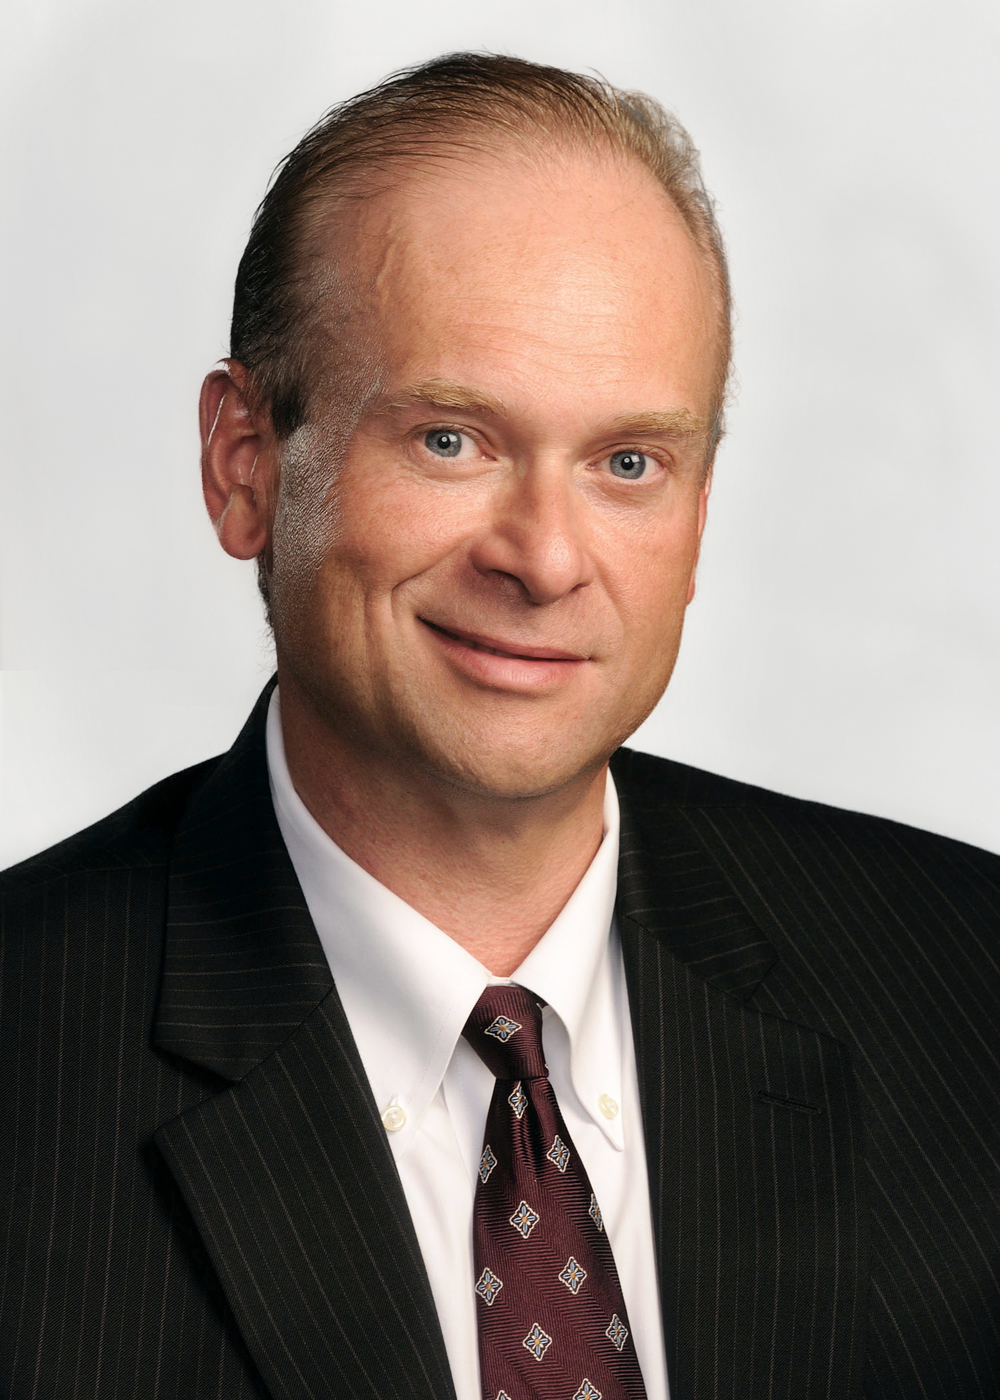 James Loring, Director Emeritus